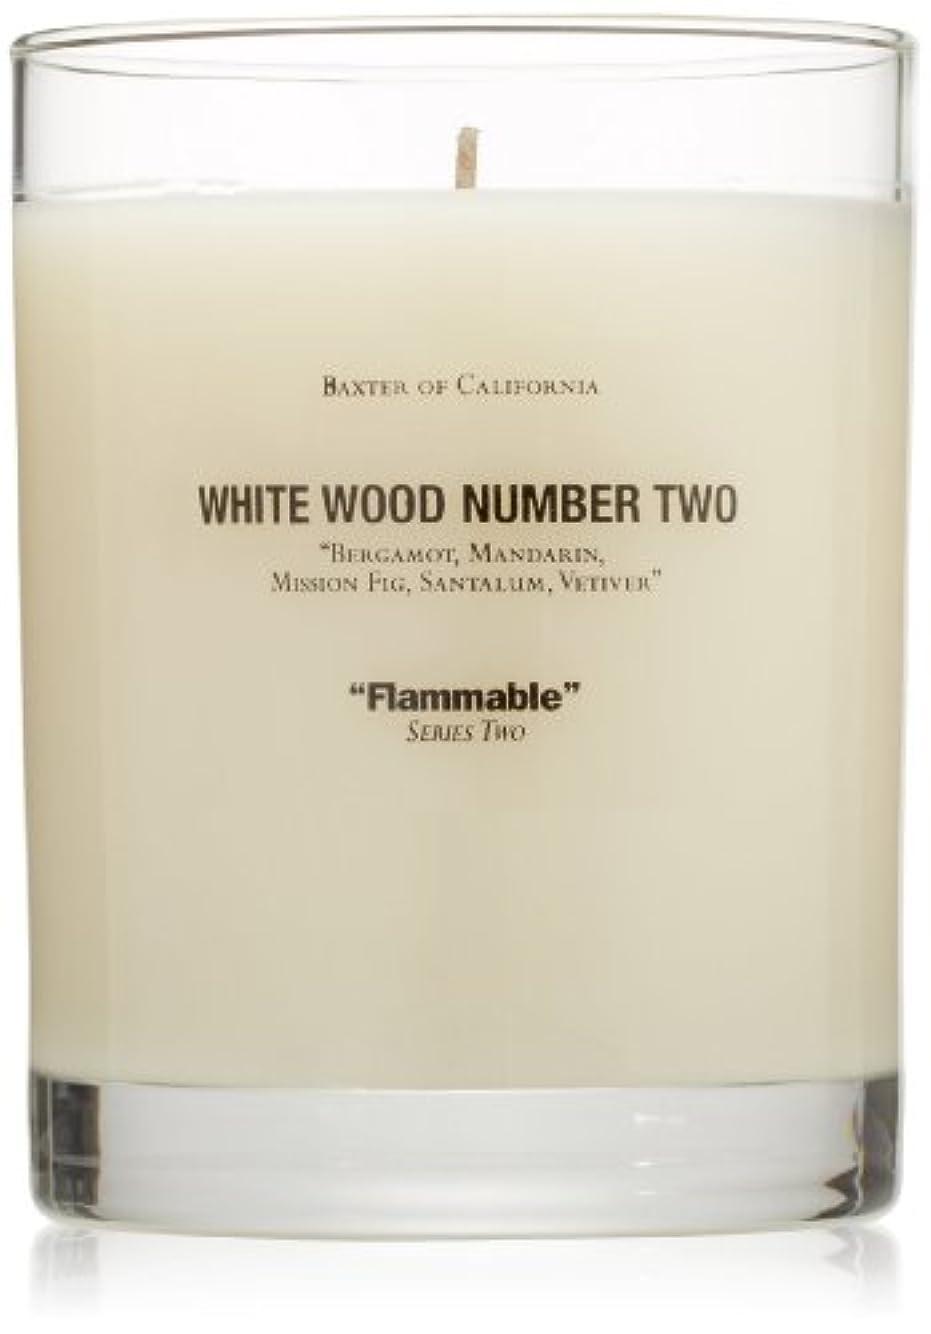 生物学のり恩恵Baxter OF CALIFORNIA(バクスター オブ カリフォルニア) ホワイトウッドキャンドルtwo 255g